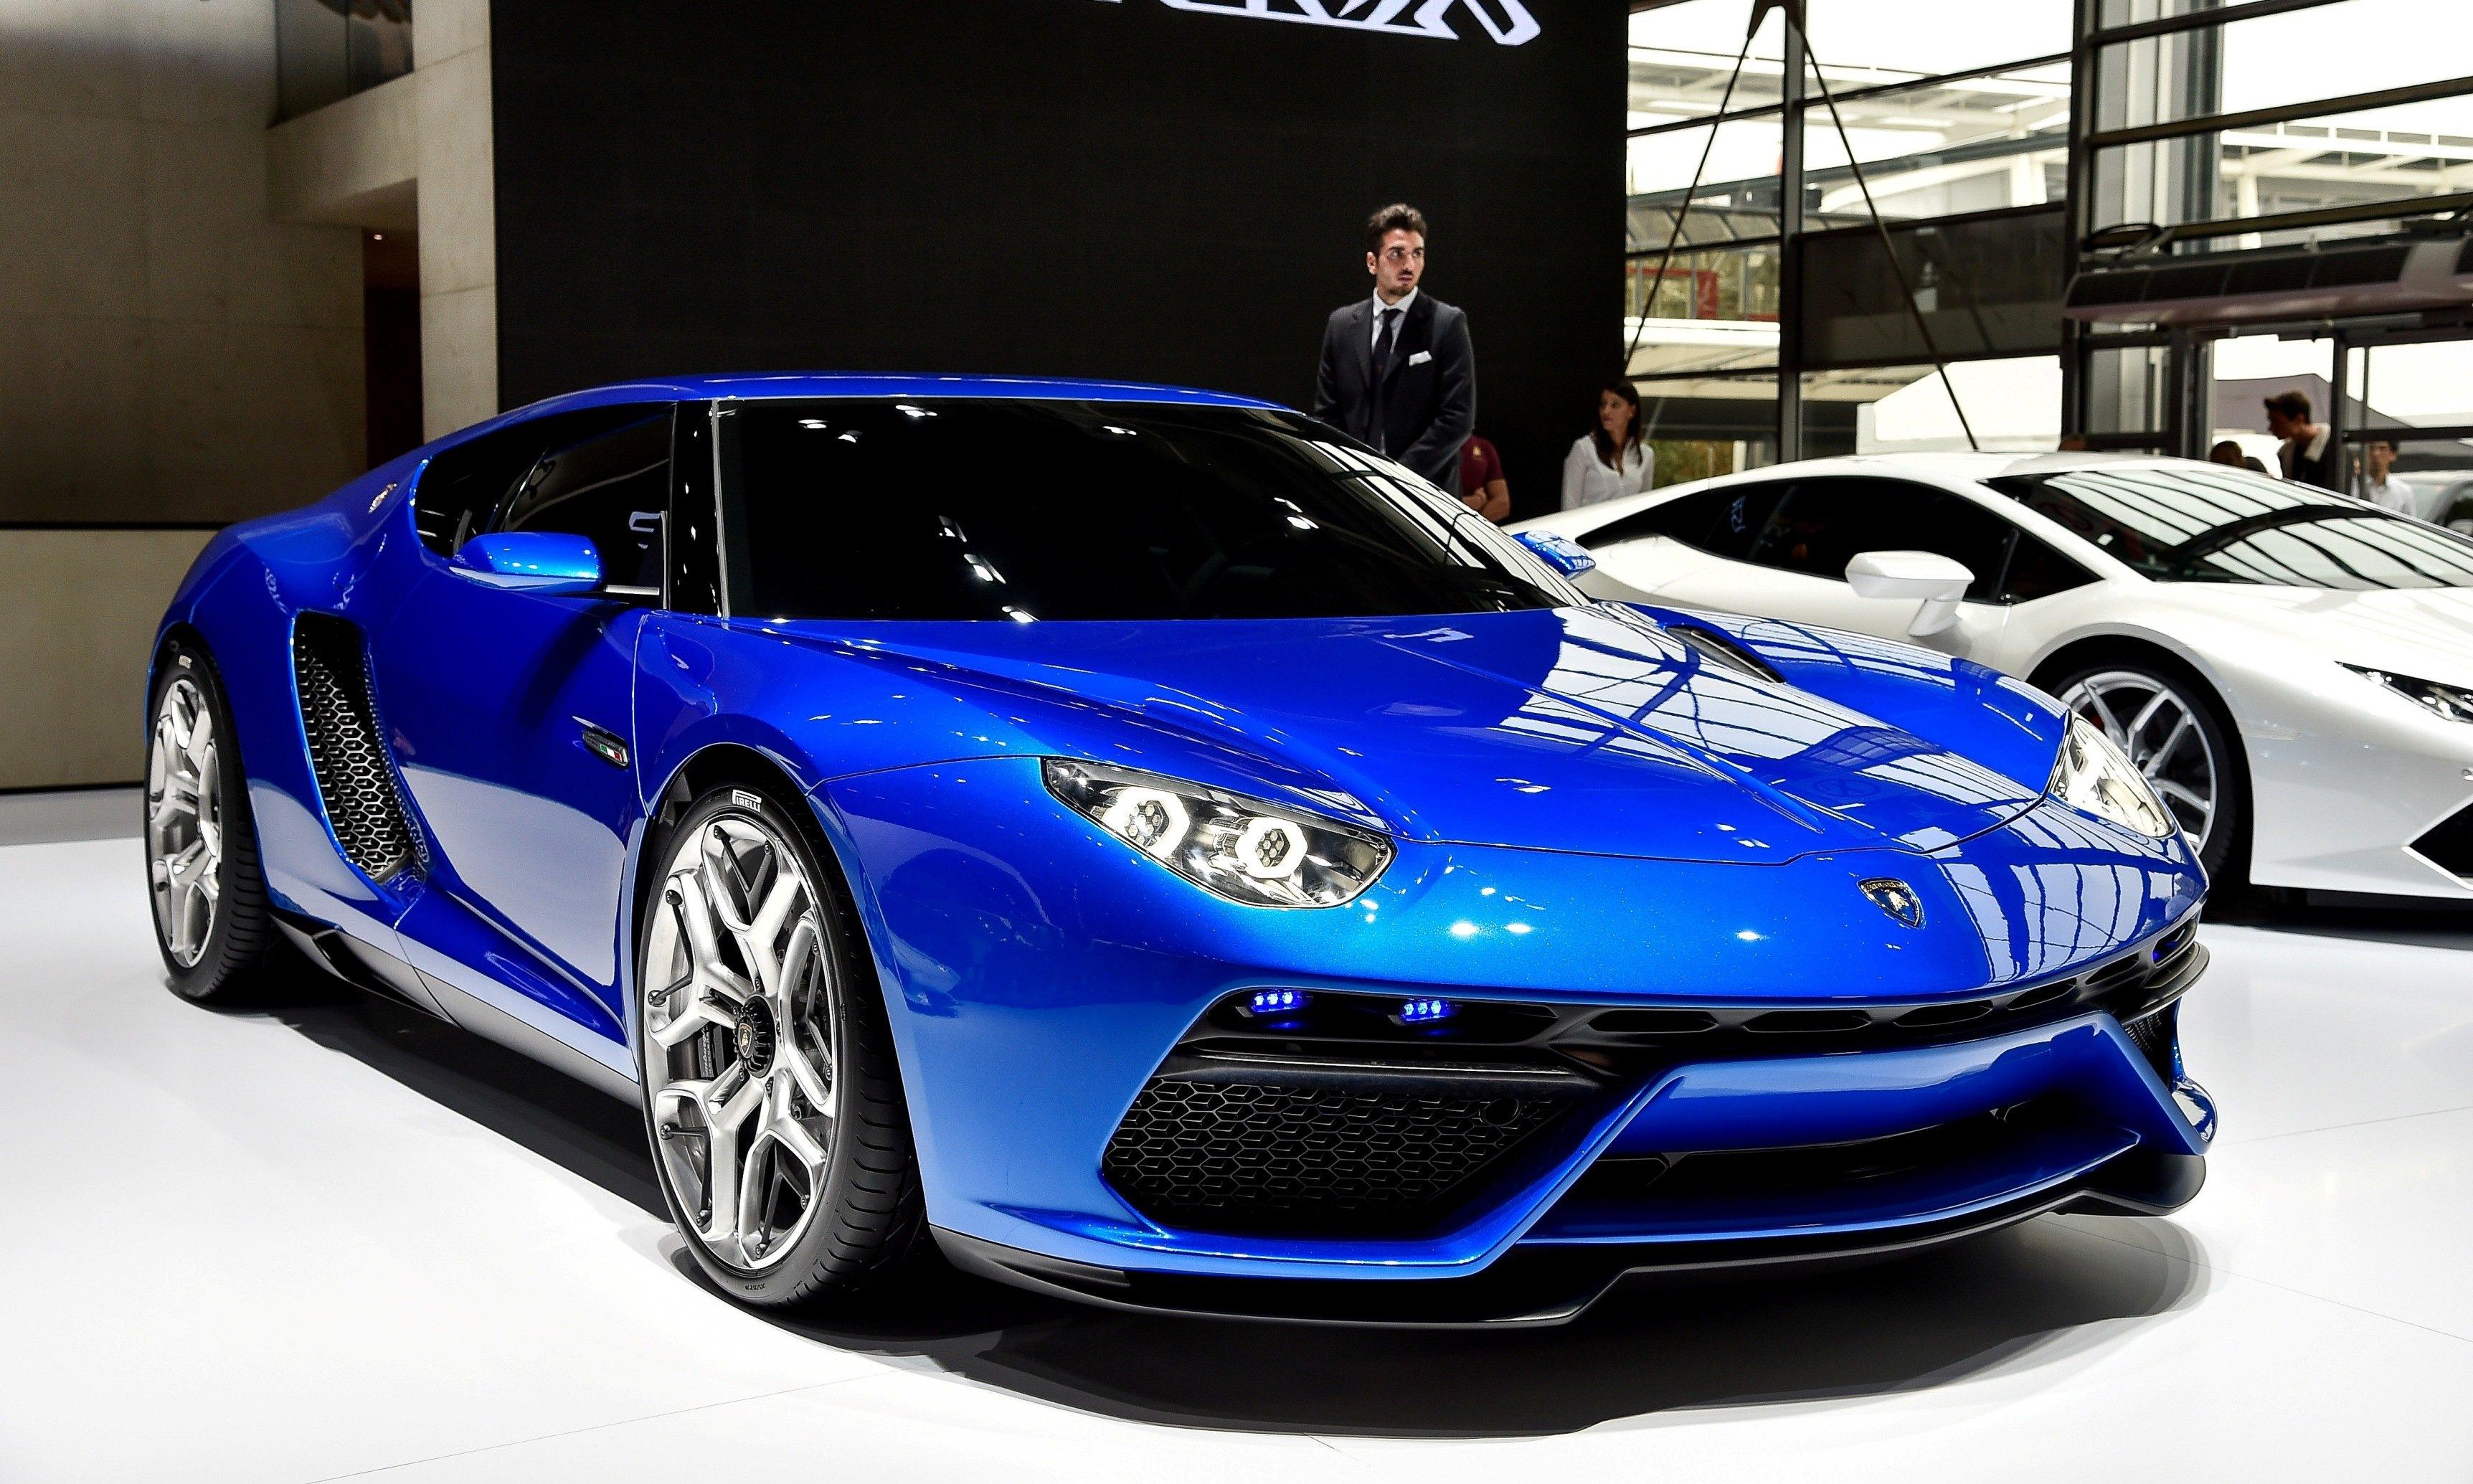 3.0s Lamborghini LPI 9104 Asterion Is MidEngine V10 PHEV Hyper Cruiser!